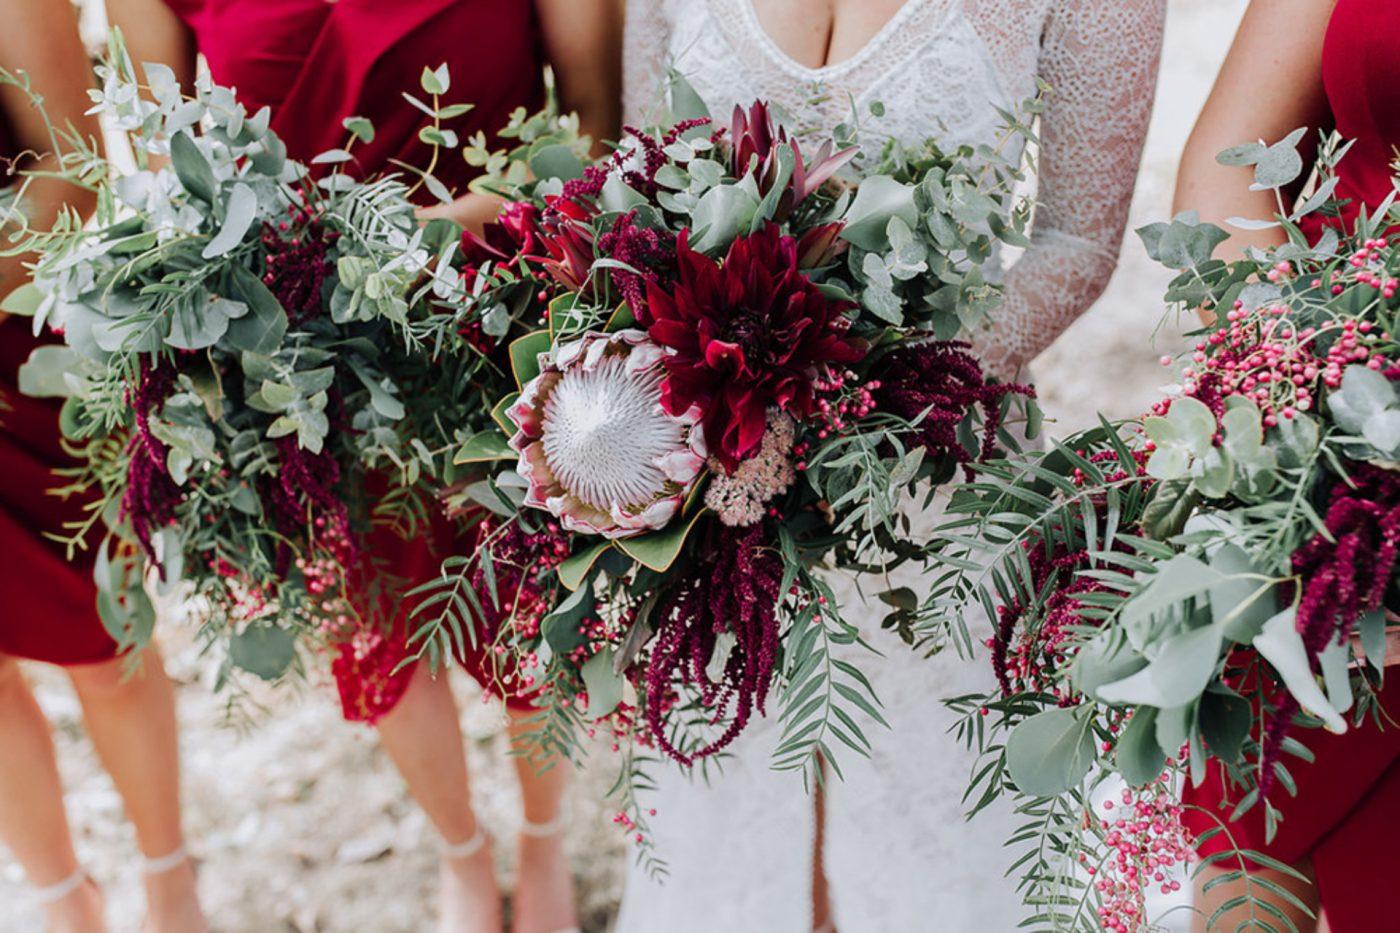 debbie-oneill-melbourrne-wedding-flowers-40